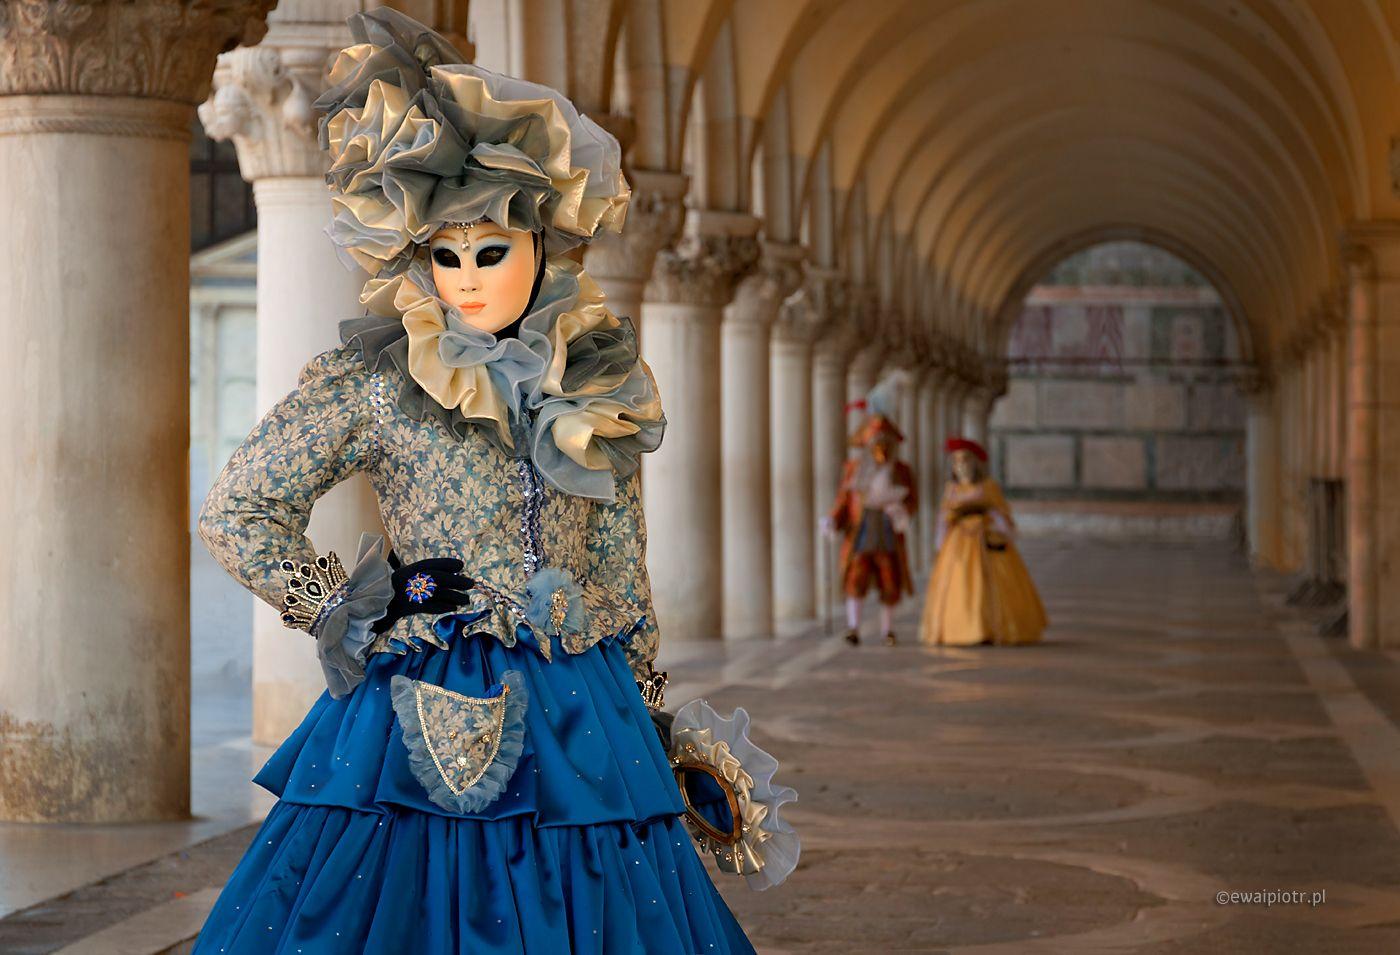 Dama przy kolumnadzie, Wenecja, karnawał, wyprawa fotograficzna